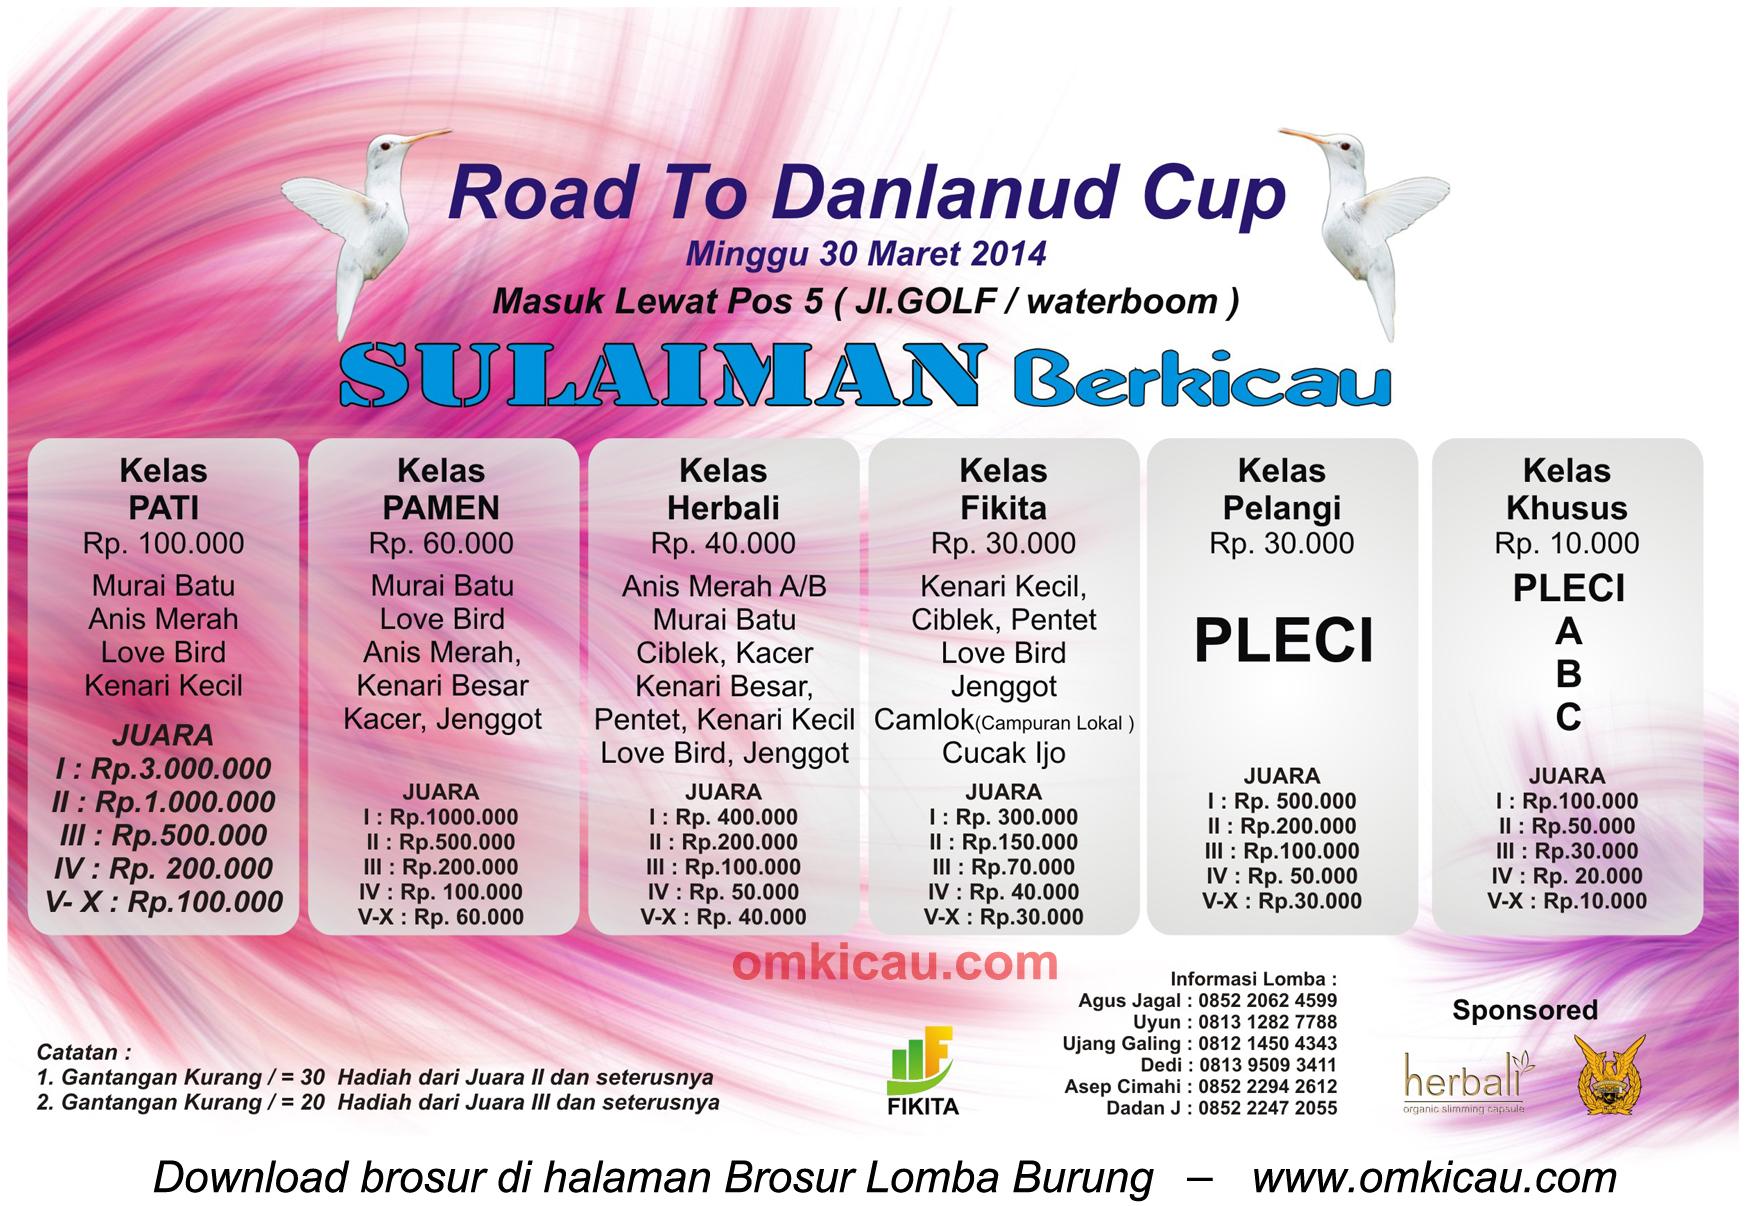 Brosur Lomba Burung Berkicau Road to Danlanud Cup - Sulaiman Berkicau, Bandung, 30 Maret 2014